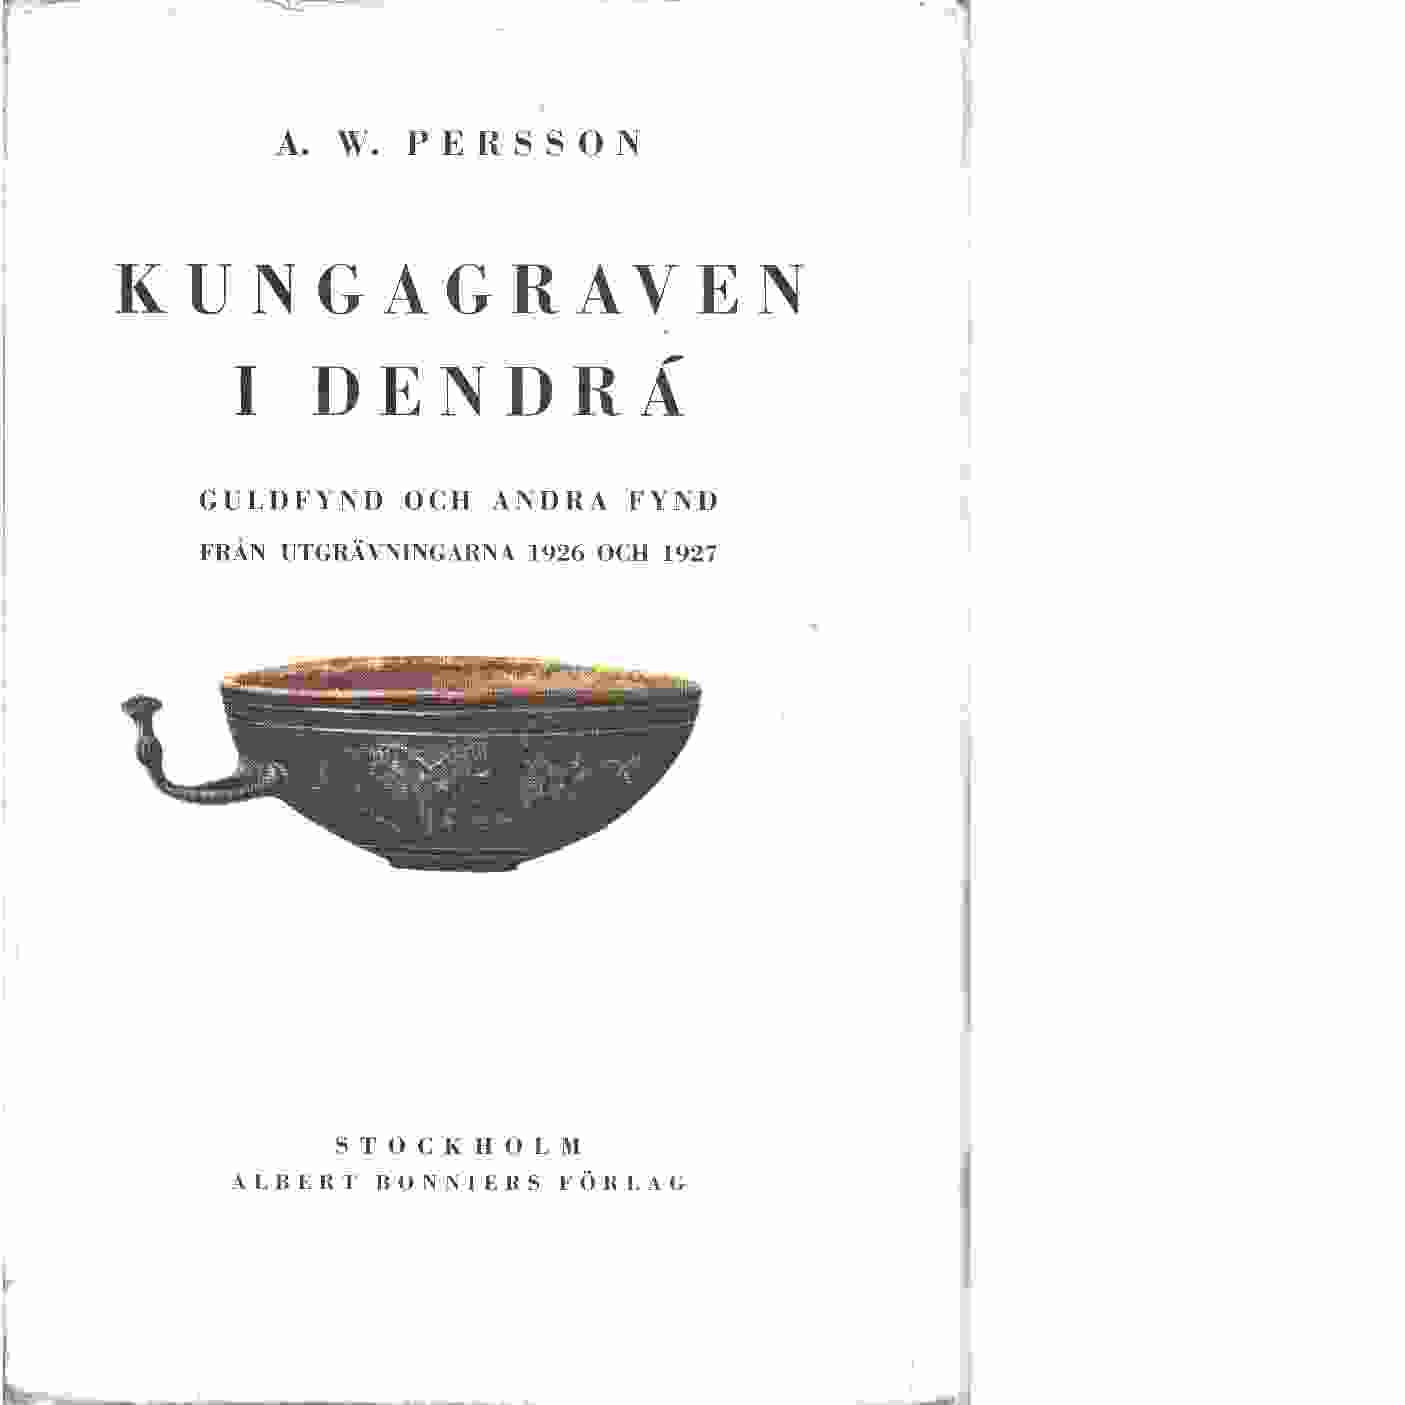 Kungagraven i Dendrá : guldfynd och andra fynd från utgrävningarna 1926 och 1927 - Persson, Axel W.